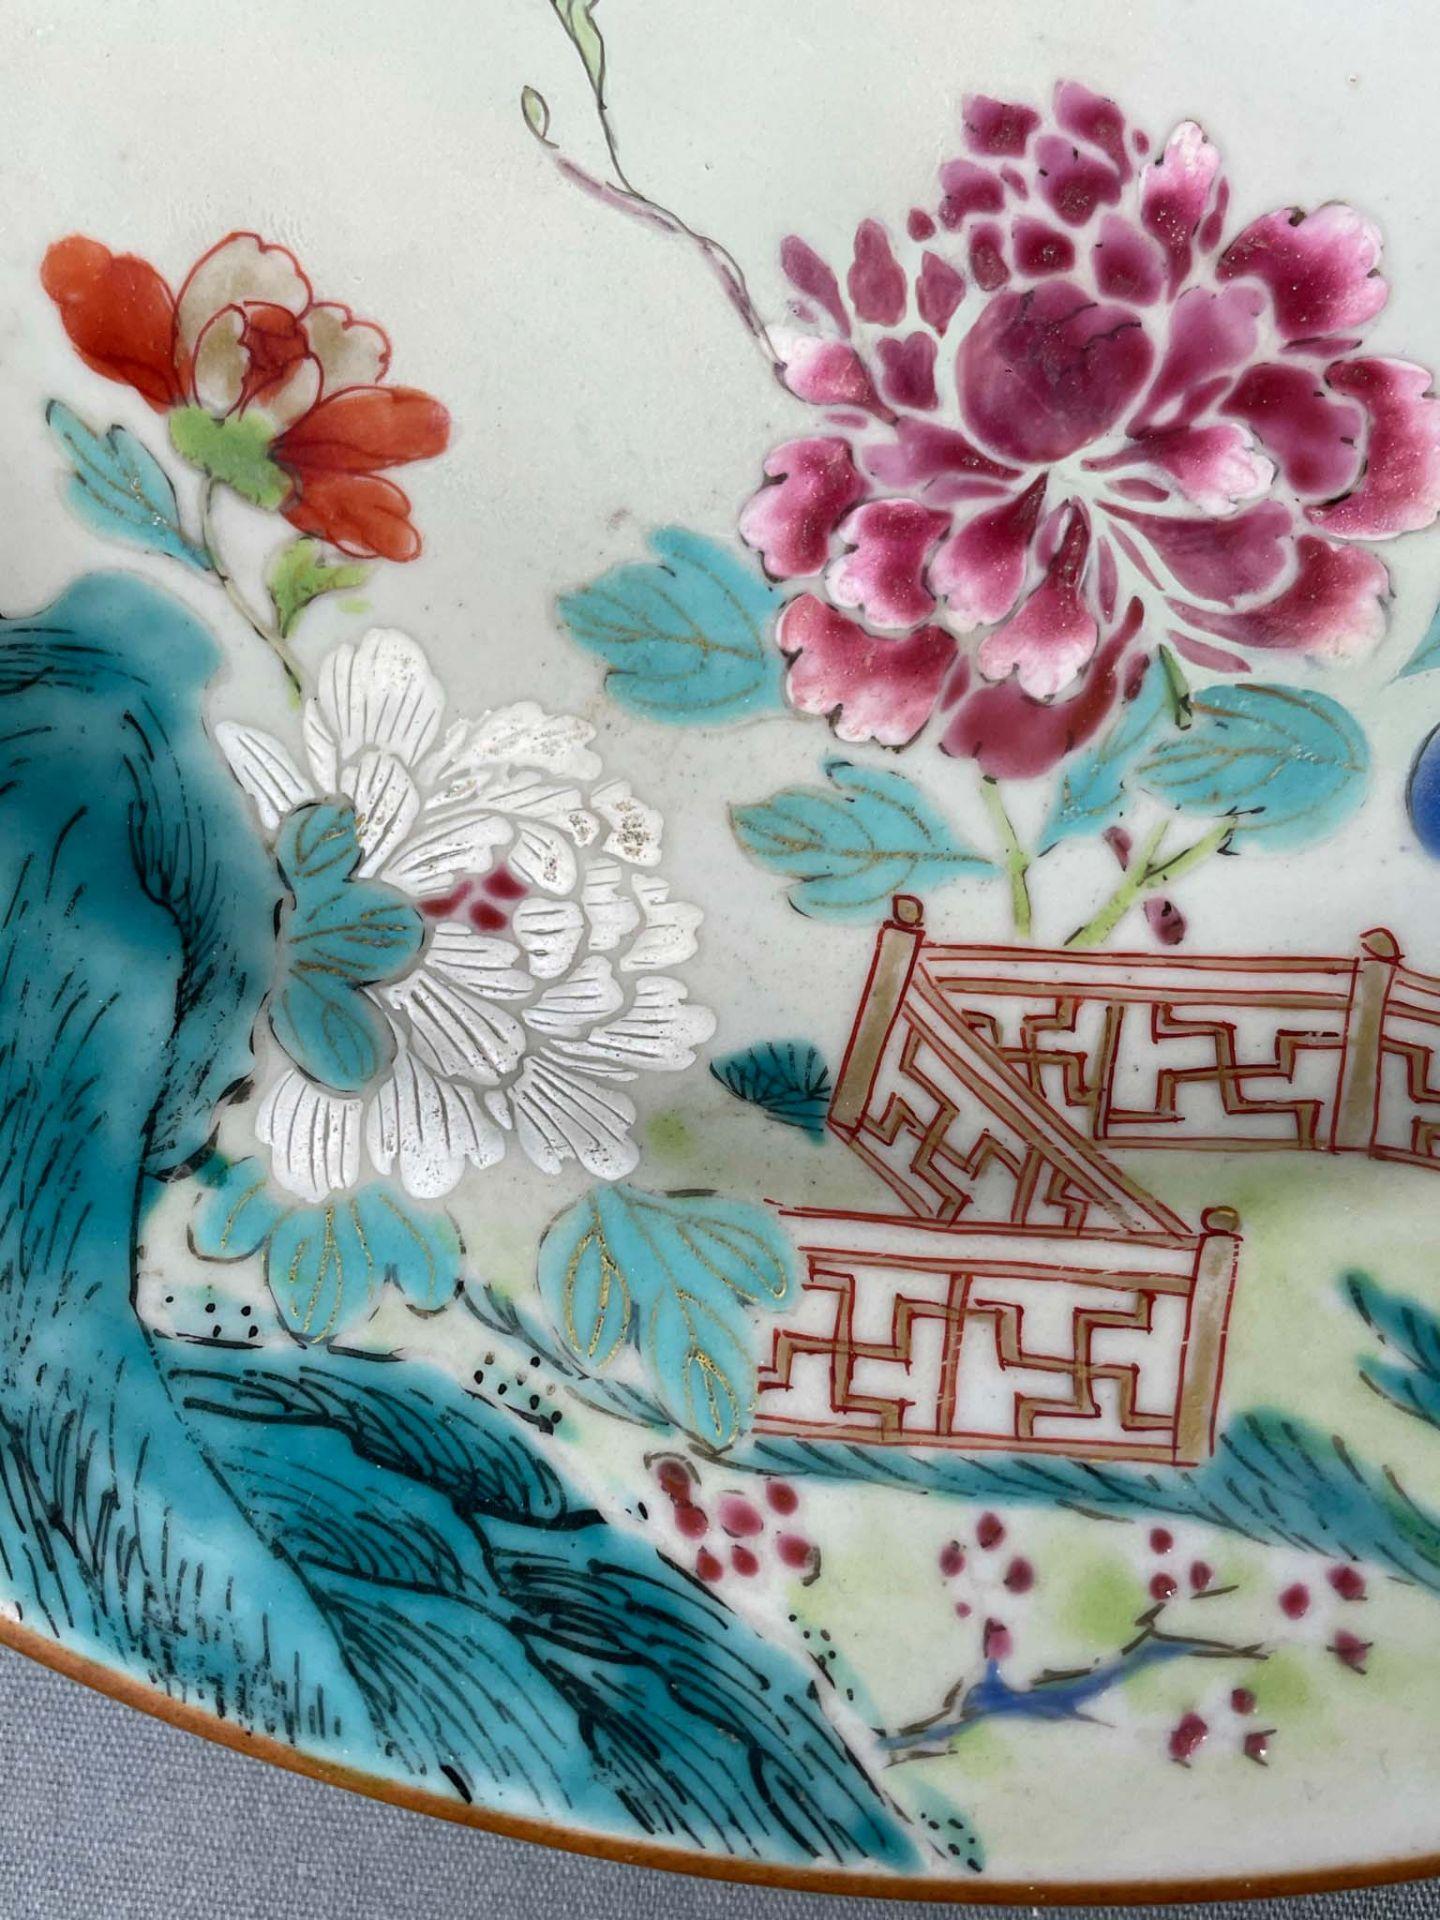 2 Platten. Porzellan. Wohl China antik. - Image 6 of 16